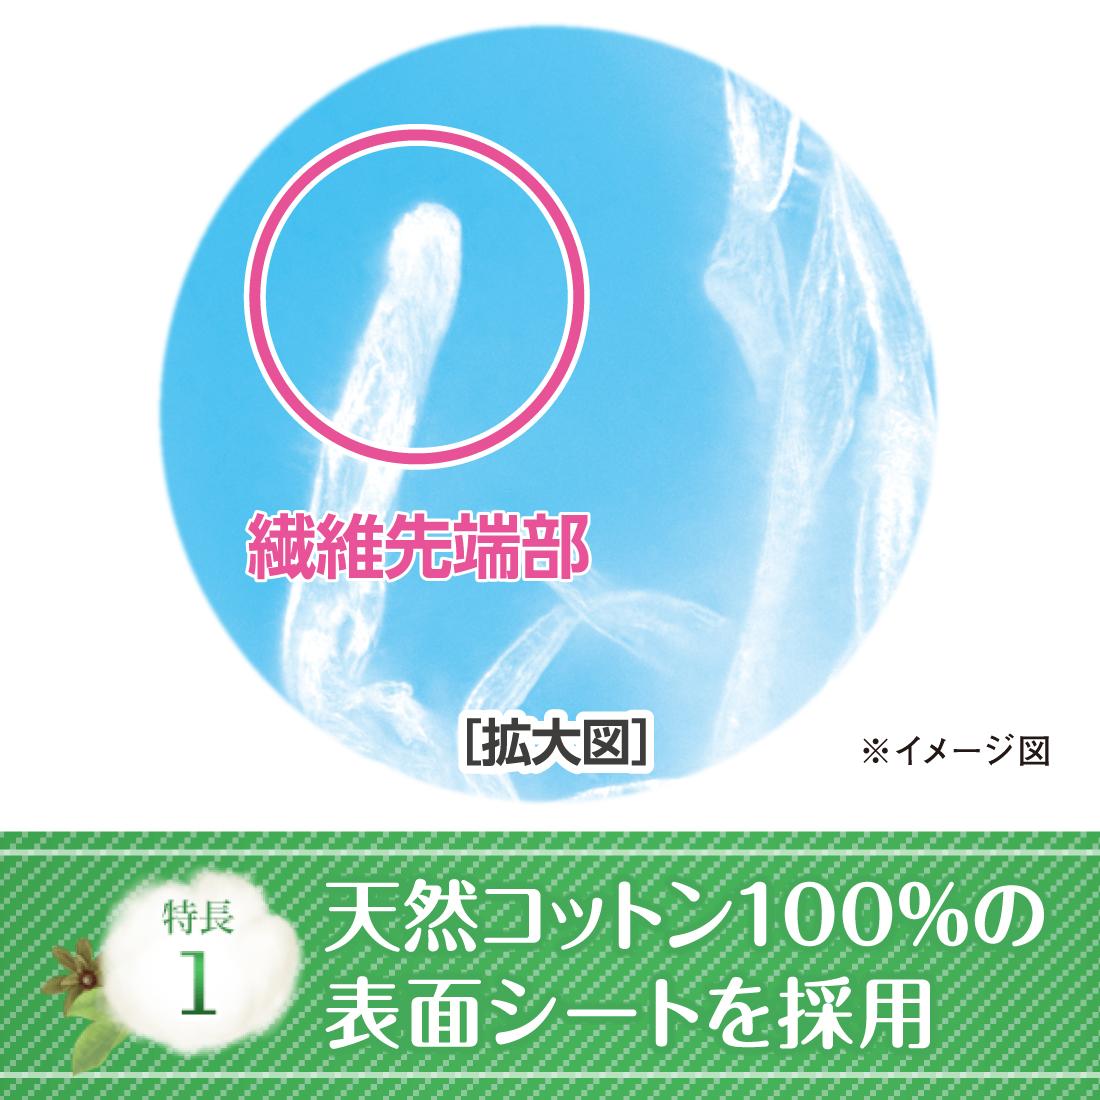 アテントコットン100%自然素材パッド多い時も安心